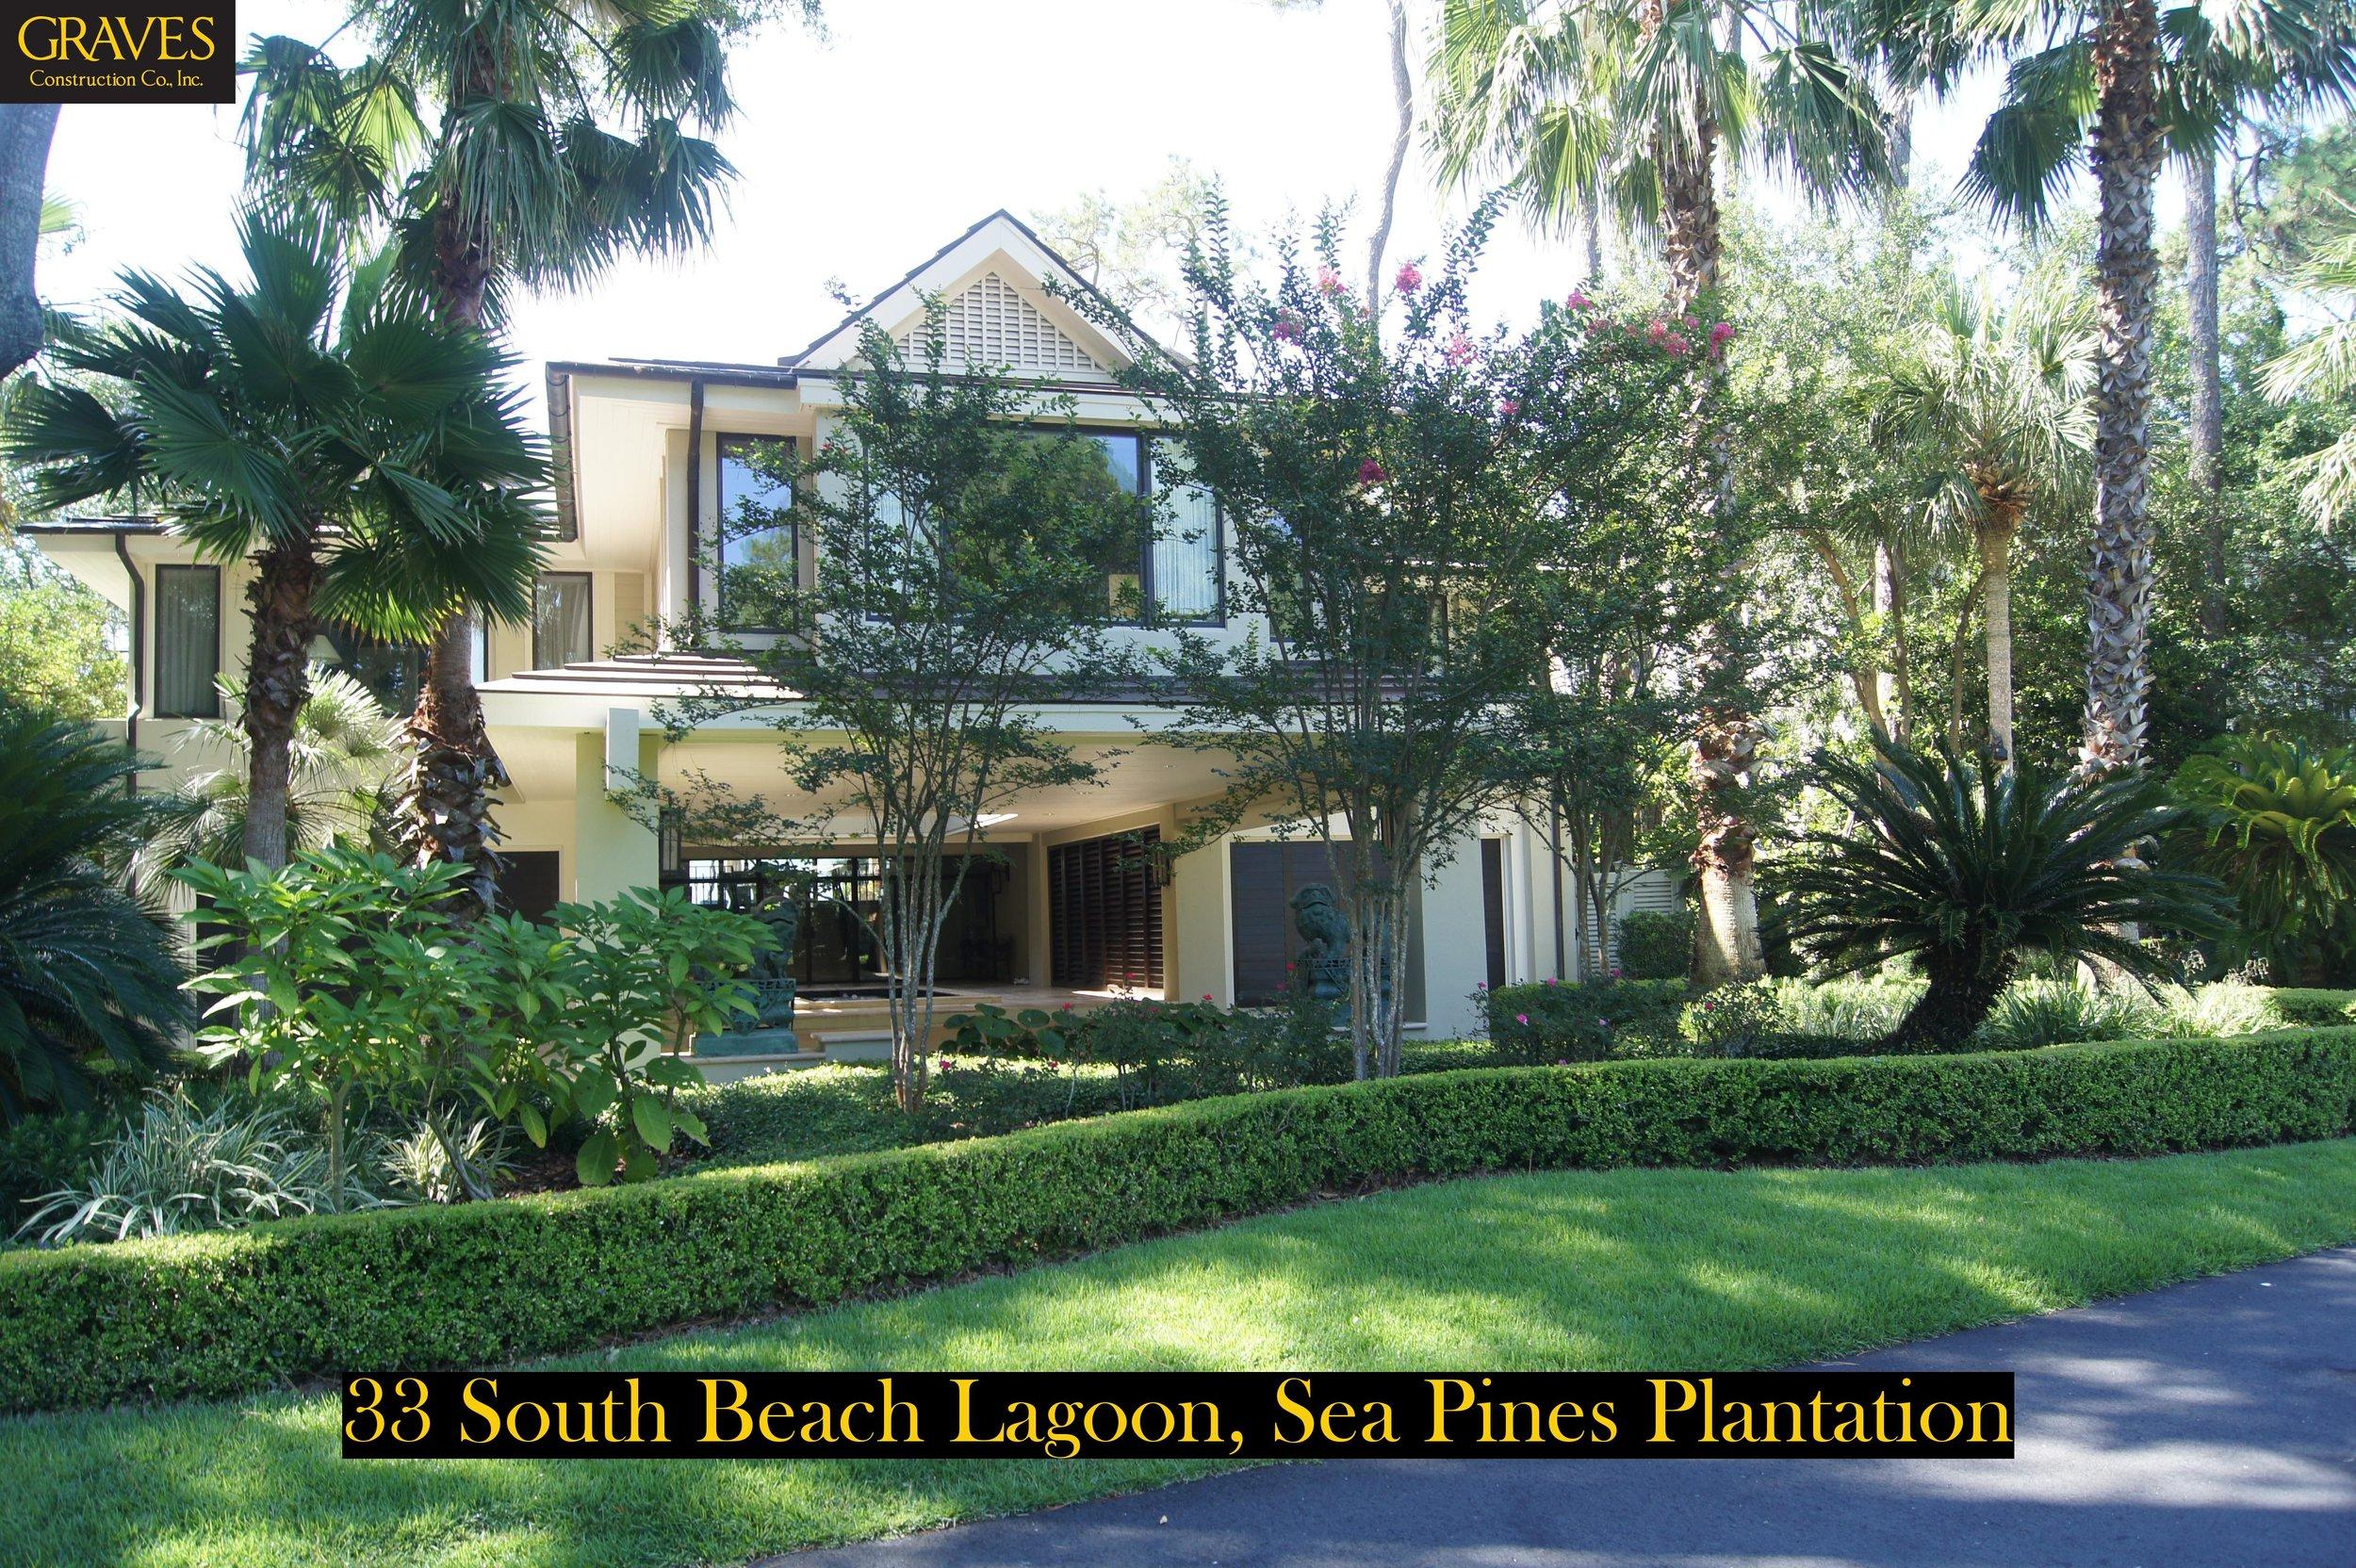 33 South Beach Lagoon Rd - 4